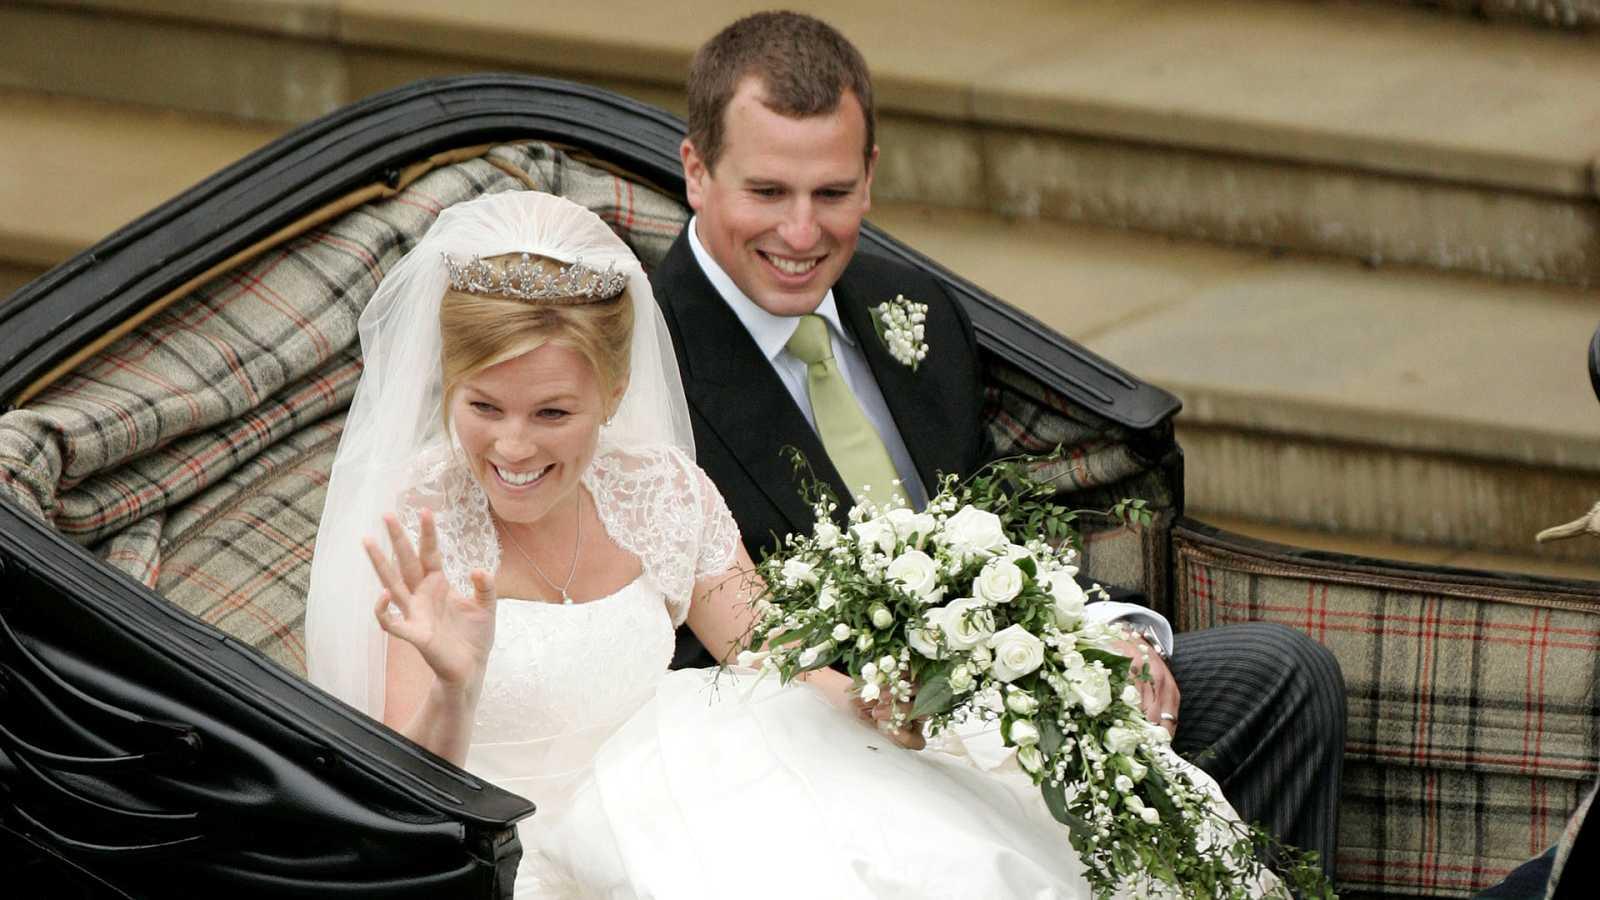 El británico Peter Phillips y la canadiense Autumn Kelly contrajeron matrimonio en el año 2008